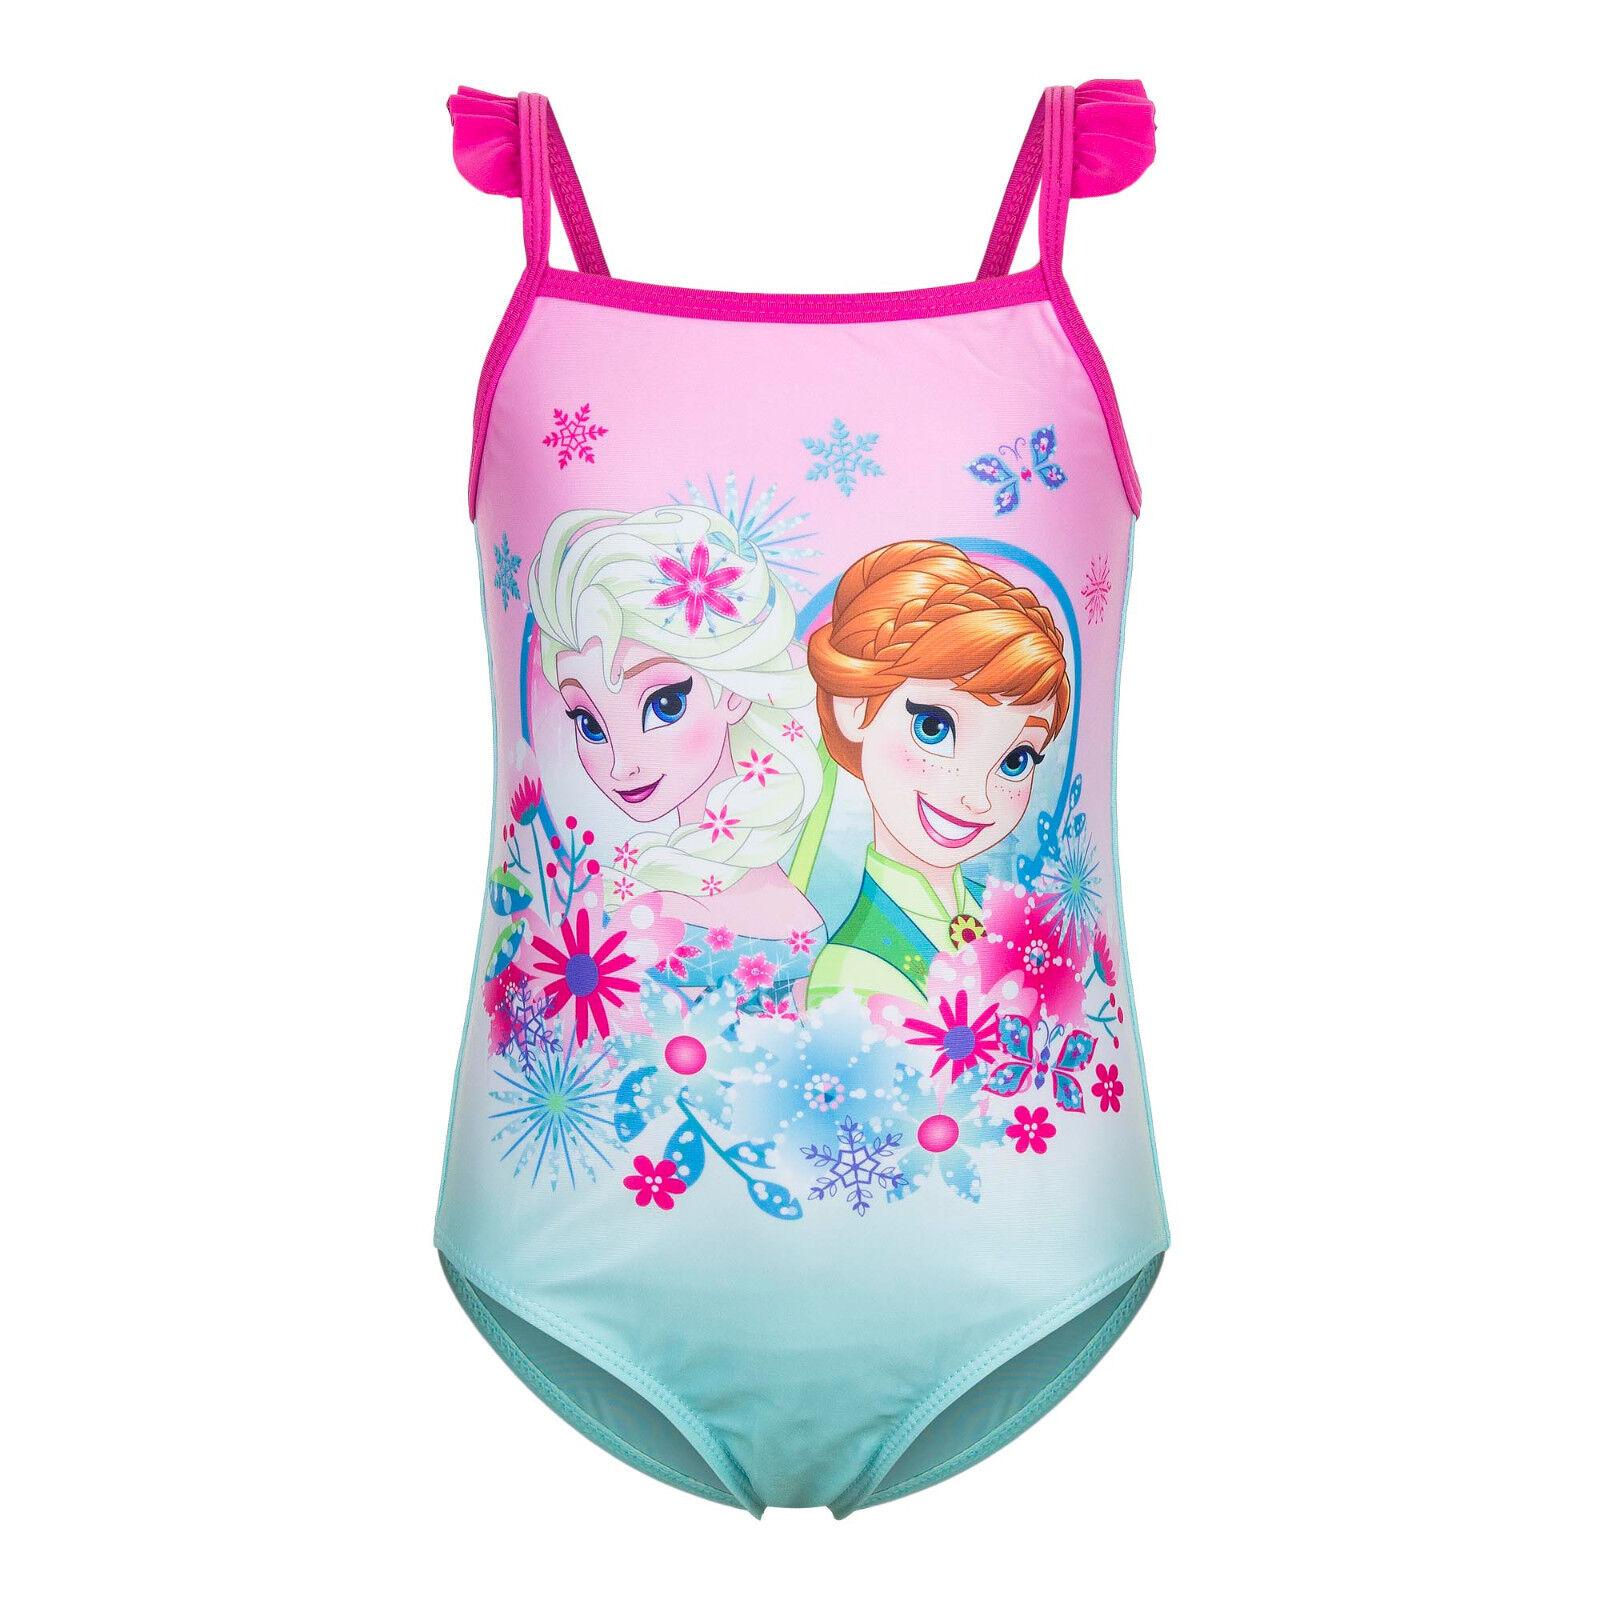 ♥ Disney Die Eiskönigin - Frozen Elsa Anna Badeanzug NEU & OVP !!! ♥